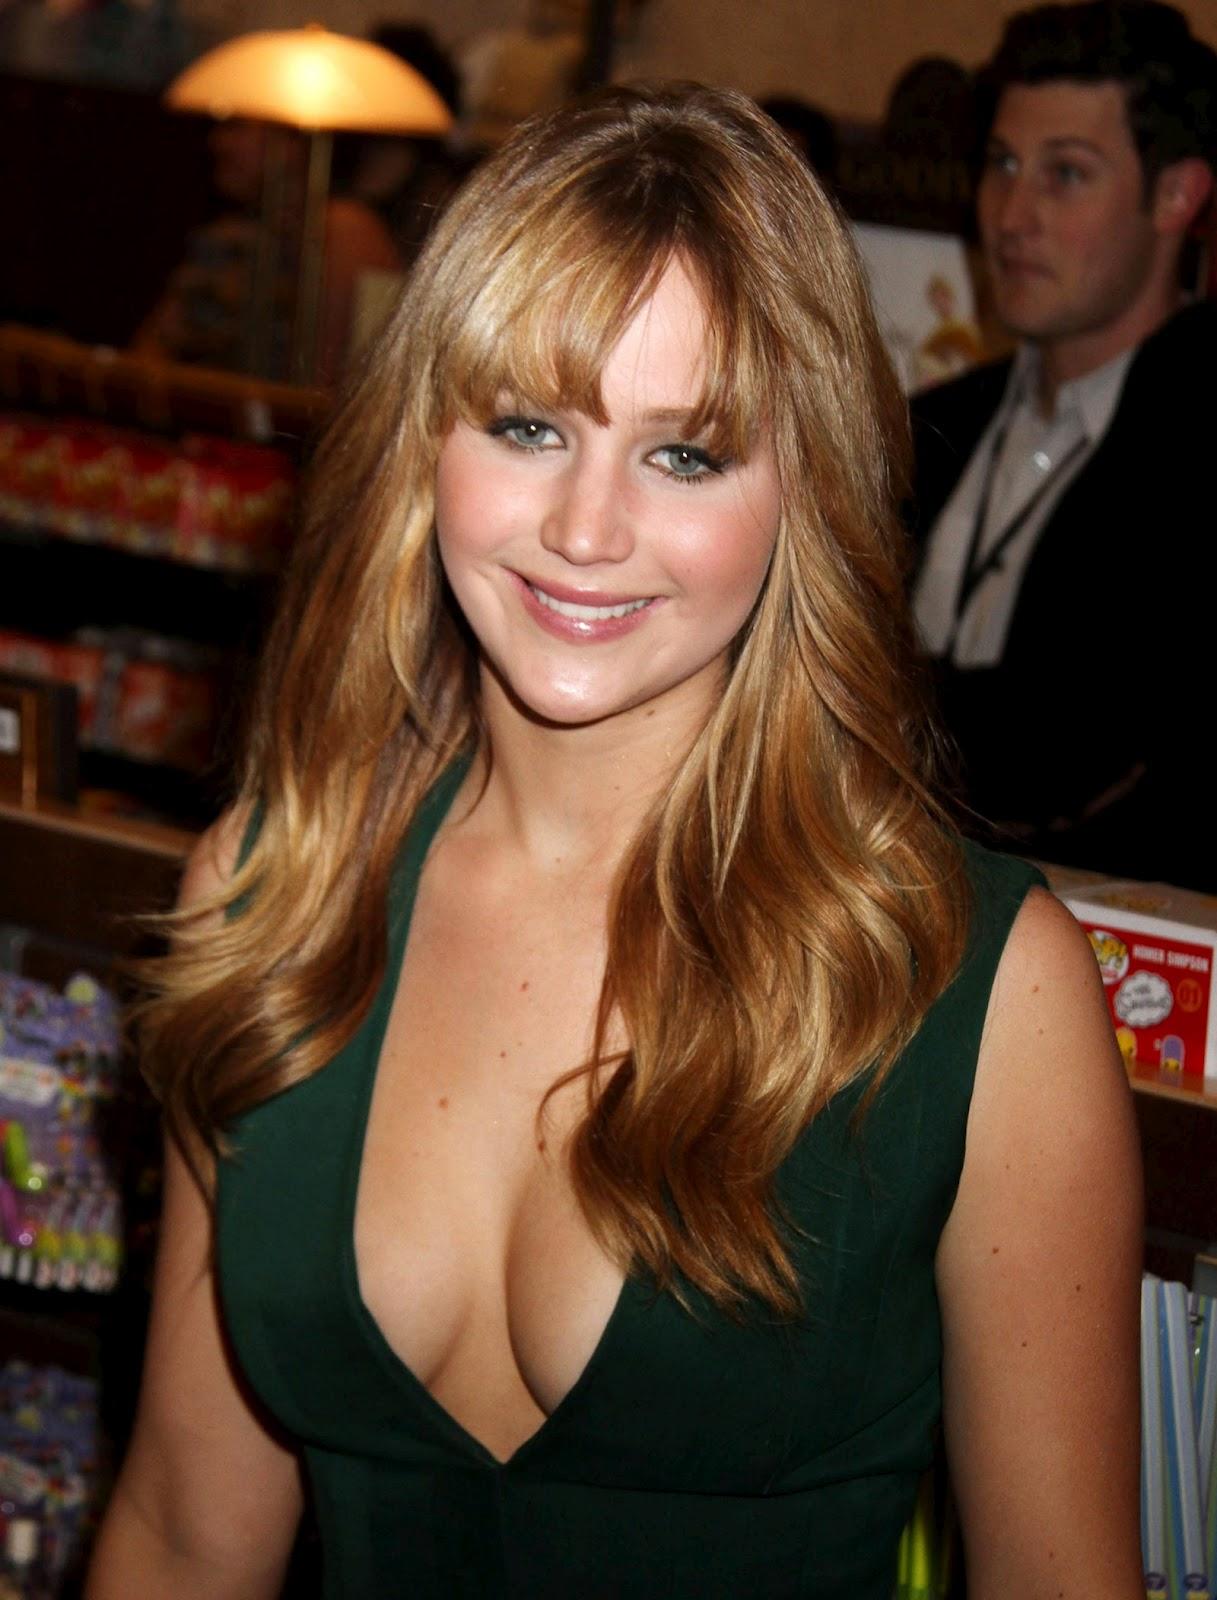 http://2.bp.blogspot.com/-Tz7dxcpQljk/T7A9DcbM0nI/AAAAAAAAI1Y/tFqbkObmXk8/s1600/Jennifer-Lawrence-2.jpg